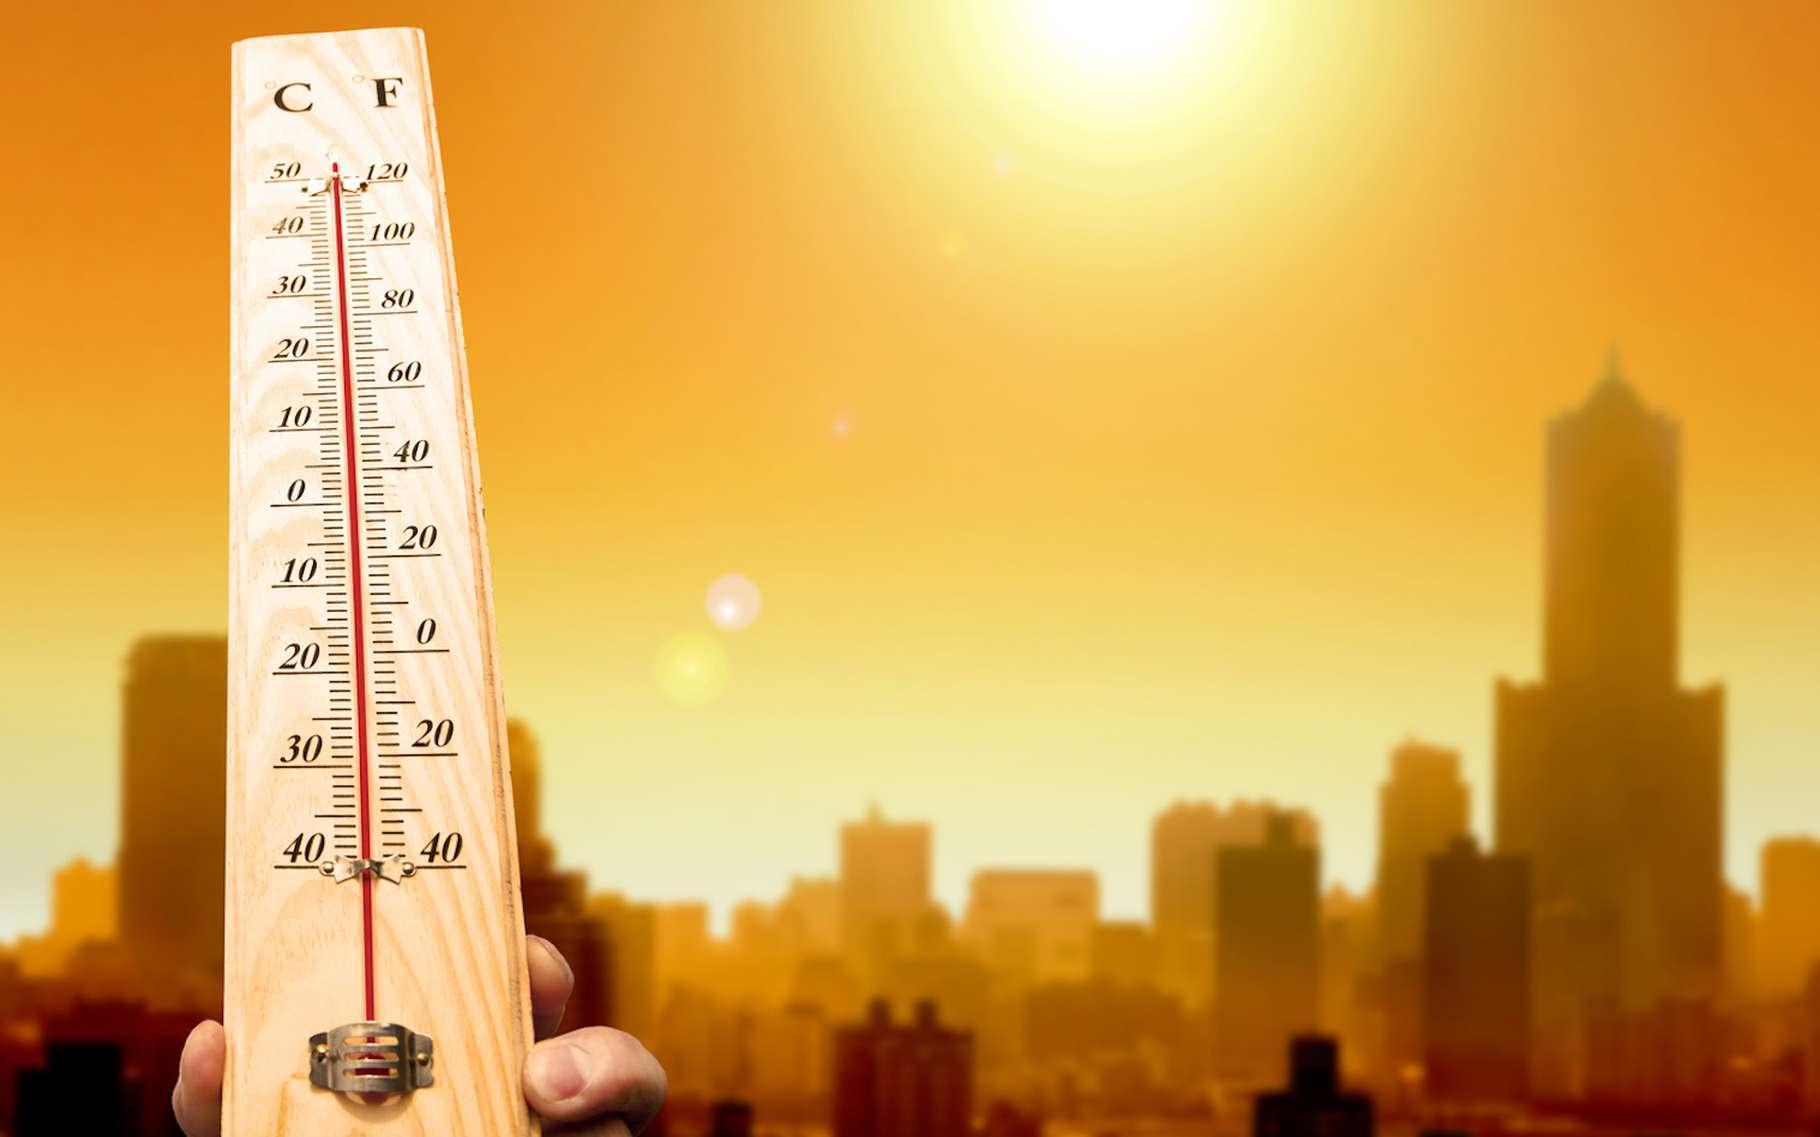 En ville, il fait plus chaud qu'à la campagne et plus encore pendant les périodes sèches, lorsque la météo est calme et le ciel clair. © Tom Wang, Fotolia